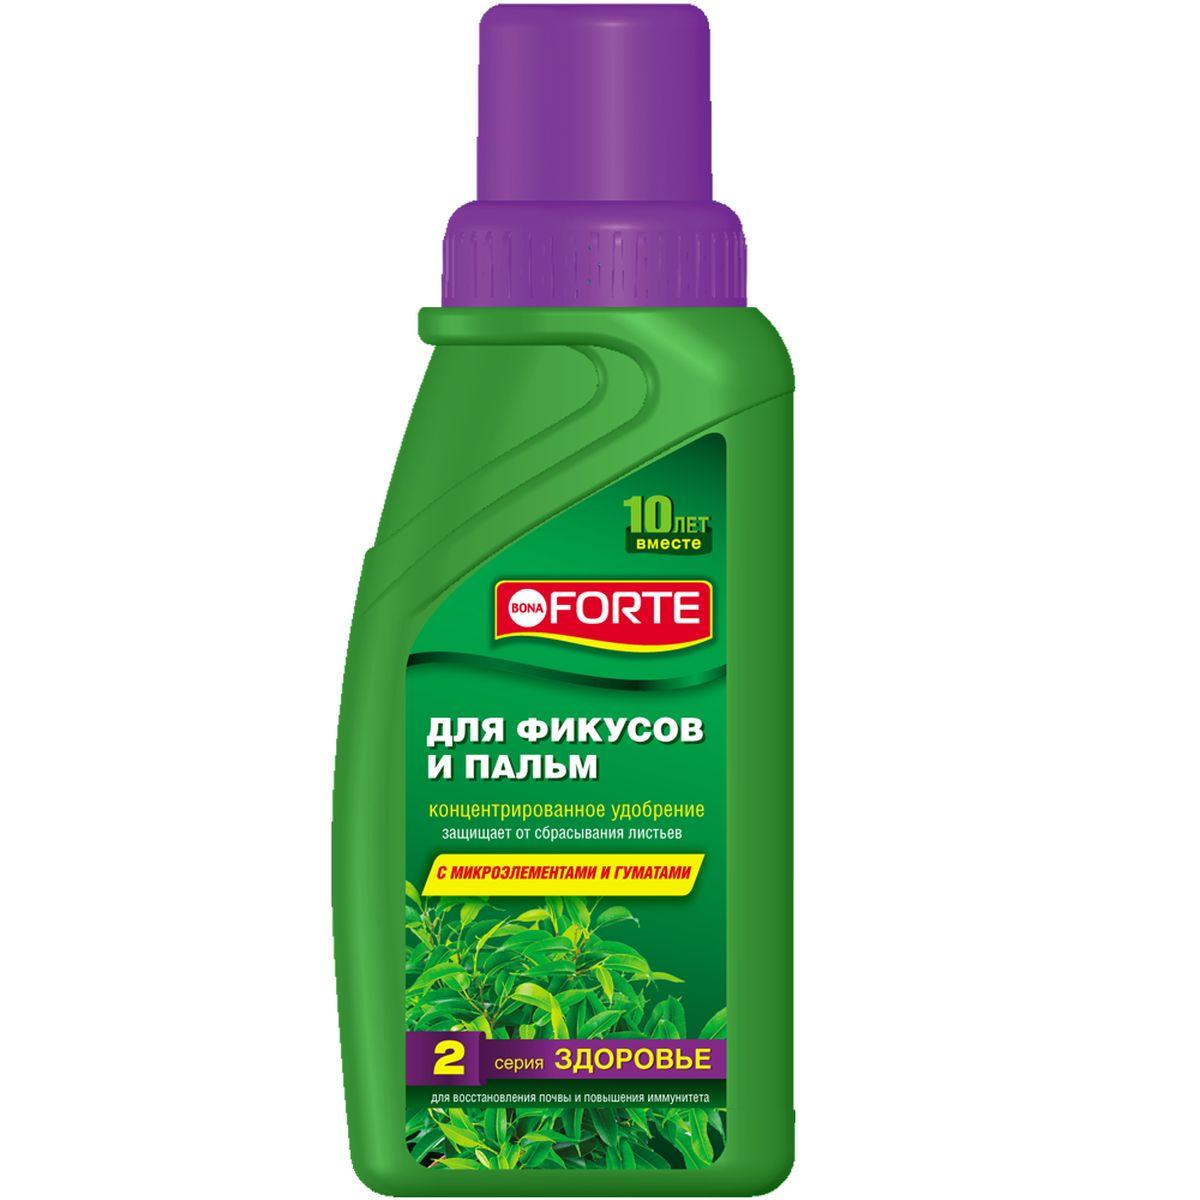 Жидкое комплексное удобрение Bona Forte, для фикусов и пальм, 285 млK100Предназначено для бережного восстановления почвы, сбалансированного питания растений,придания ярких красок цветкам, пышного и продолжительного цветения, а также повышения иммунитета растений.Содержит полный комплекс веществ, необходимых для полноценного и сбалансированного питания растений: высокая доля (15 %) основных элементов (NPK), обеспечивающих усиленное питание для растений; высокая доля (1 %) мезоэлемента (Mg), усиливающего процесс фотосинтеза; комплекс основных микроэлементов в хелатной форме, что способствует полному их усвоению и пролонгированному действию; комплекс витаминов для поддержания и укрепления иммунной системы растений; регулятор роста для стимулирования роста растений.